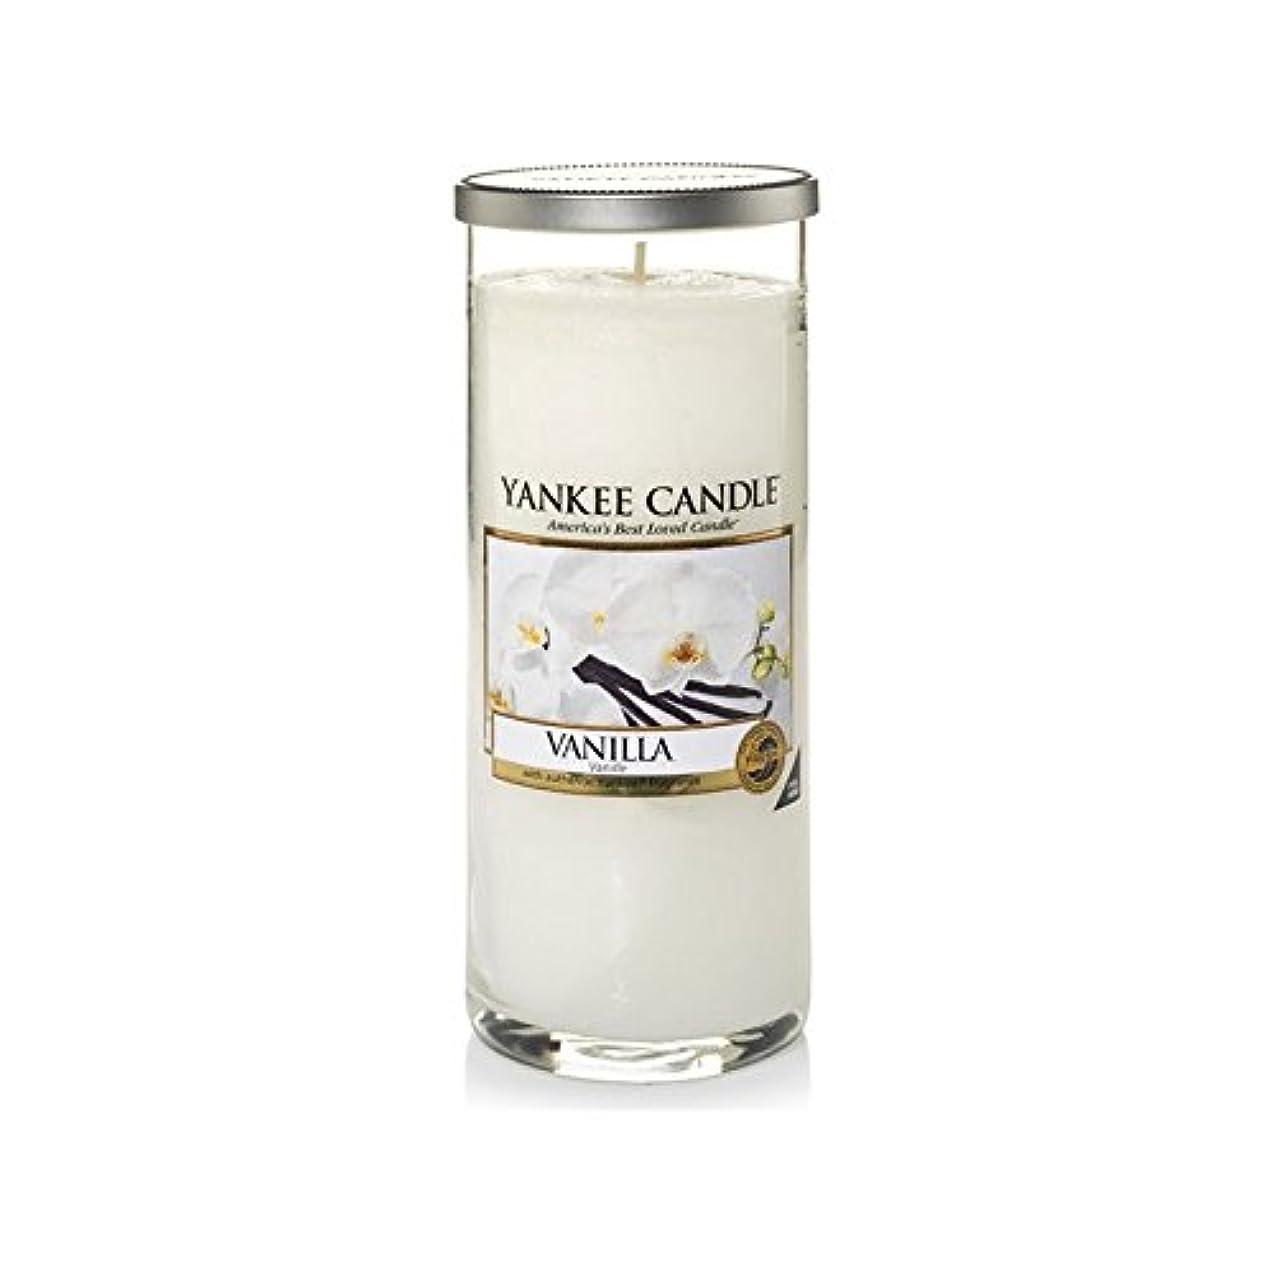 不十分な包帯克服するYankee Candles Large Pillar Candle - Vanilla (Pack of 2) - ヤンキーキャンドル大きな柱キャンドル - バニラ (x2) [並行輸入品]